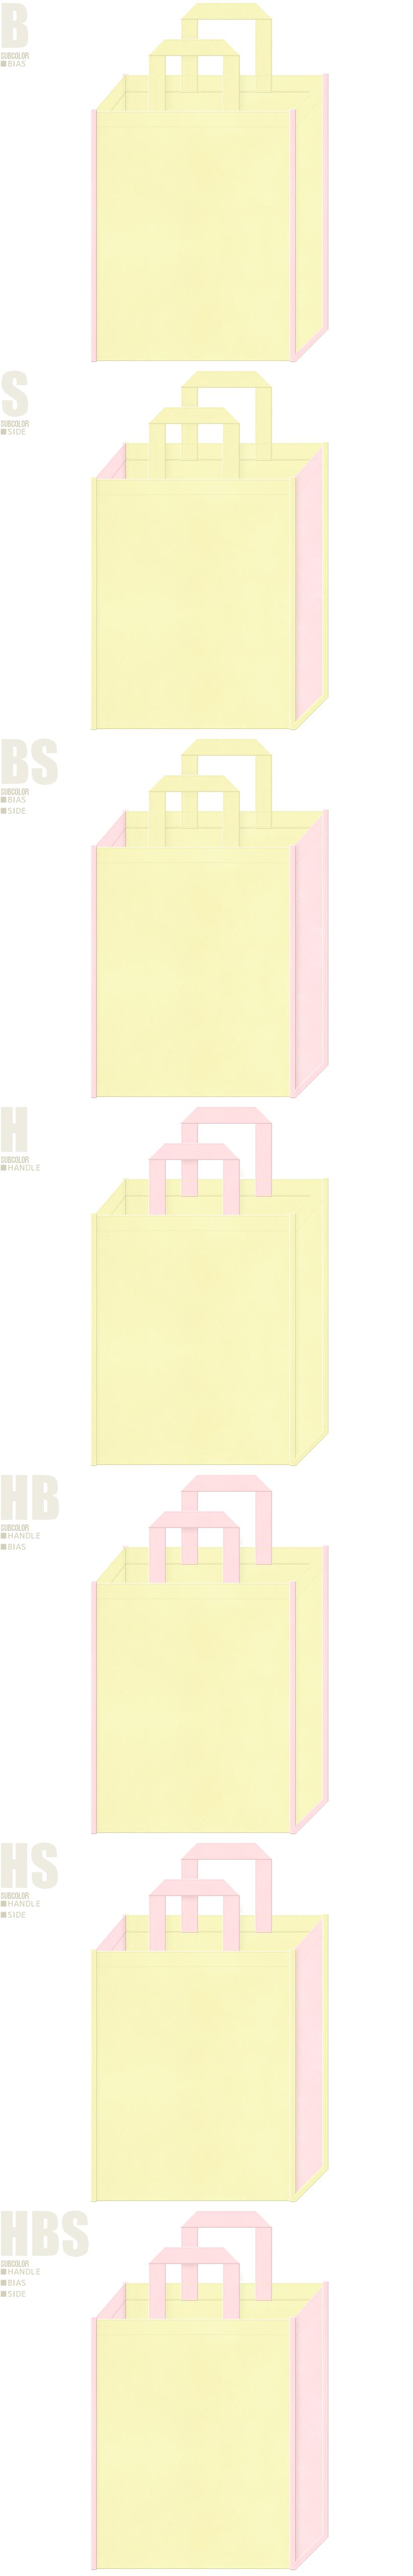 薄黄色と桜色、7パターンの不織布トートバッグ配色デザイン例。保育・福祉・介護セミナーの資料配布用バッグ、ひな祭りのバッグノベルティにお奨めです。